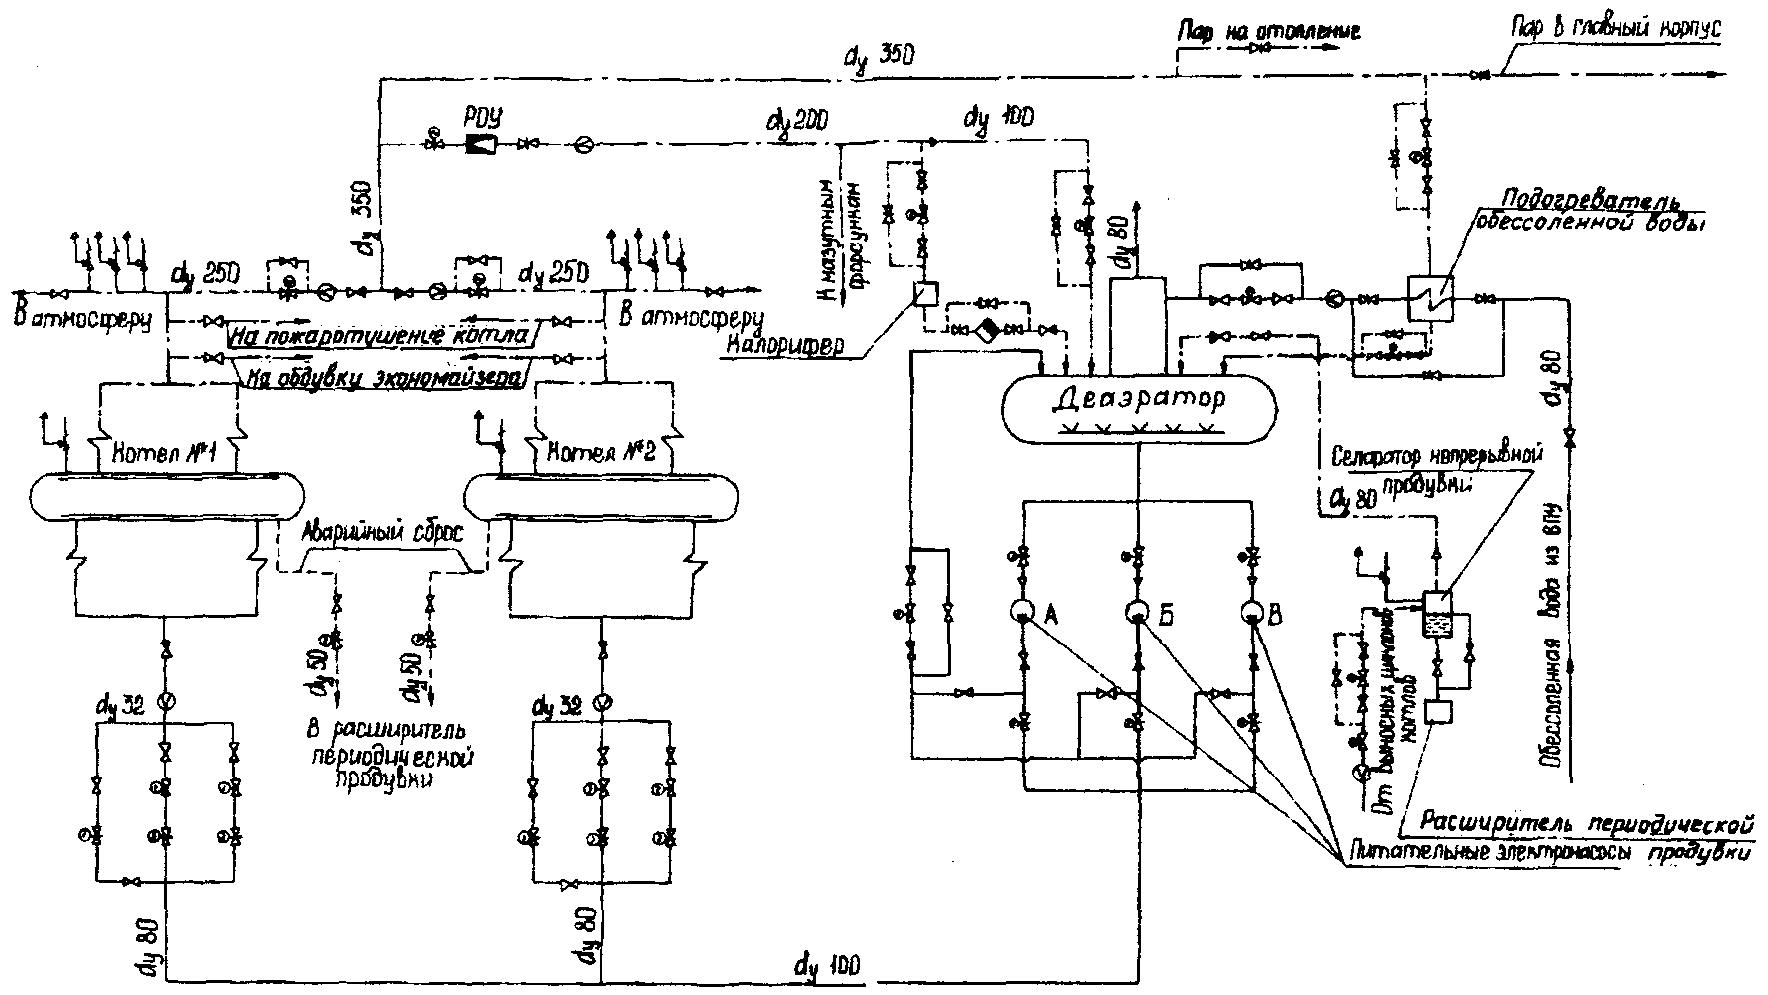 Типовая инструкция по эксплуатаций